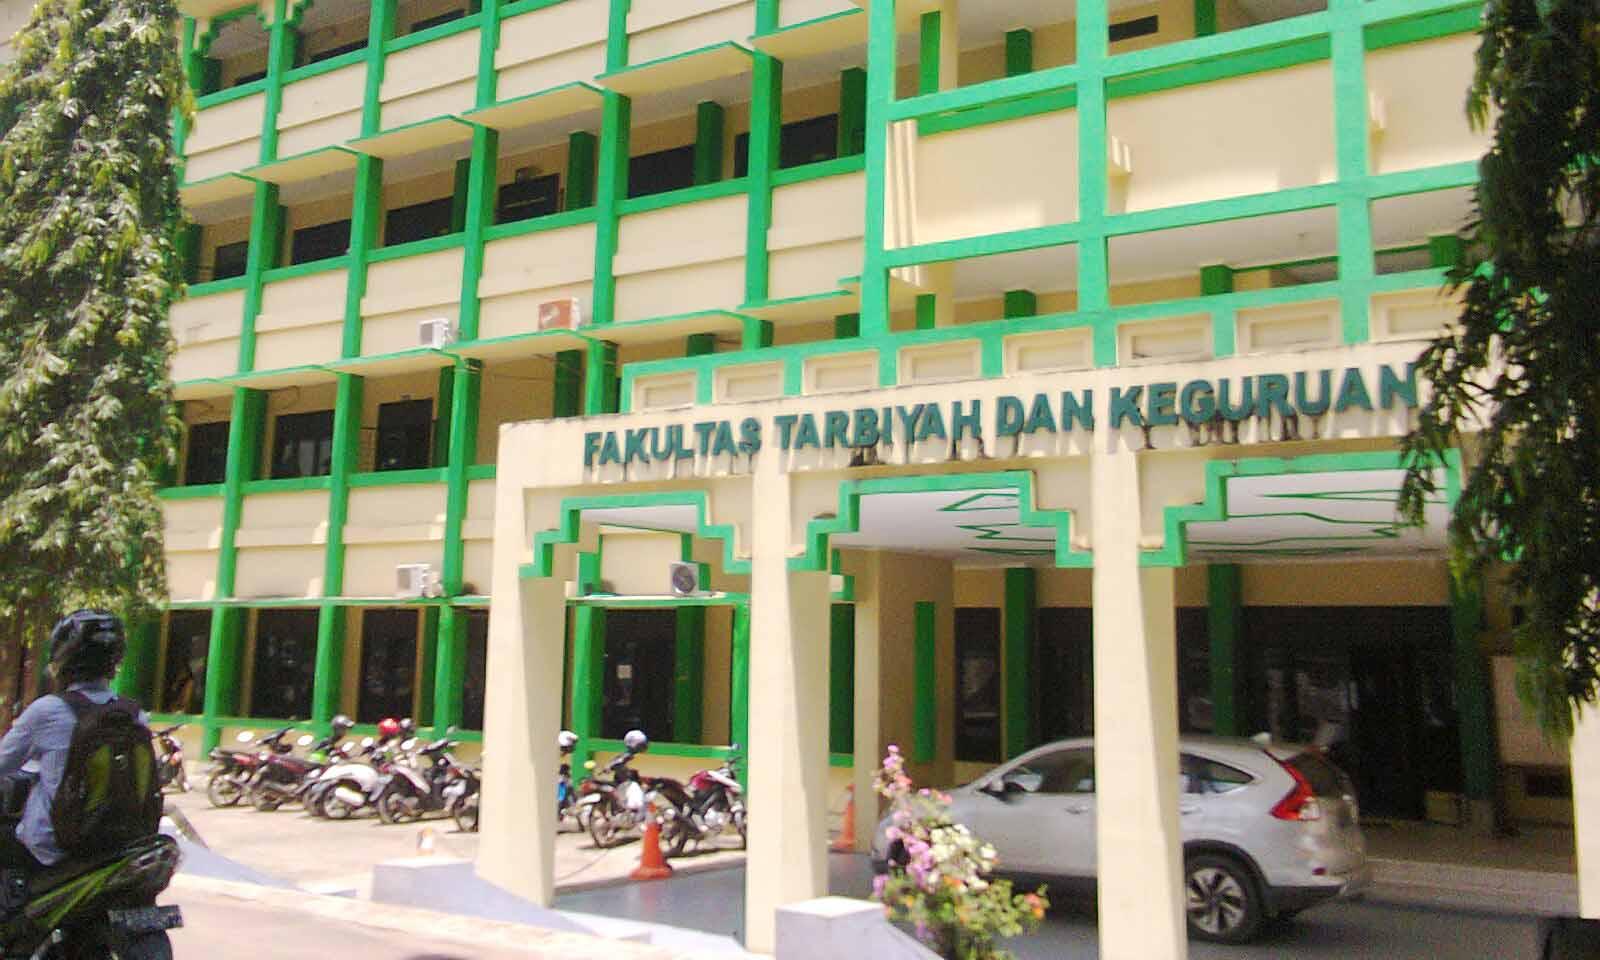 Potret Fakultas Tarbiyah dan Keguruan Universitas Islam Negeri Raden Fatah Palembang tampak dari depan. Kamis (3/3/2016).